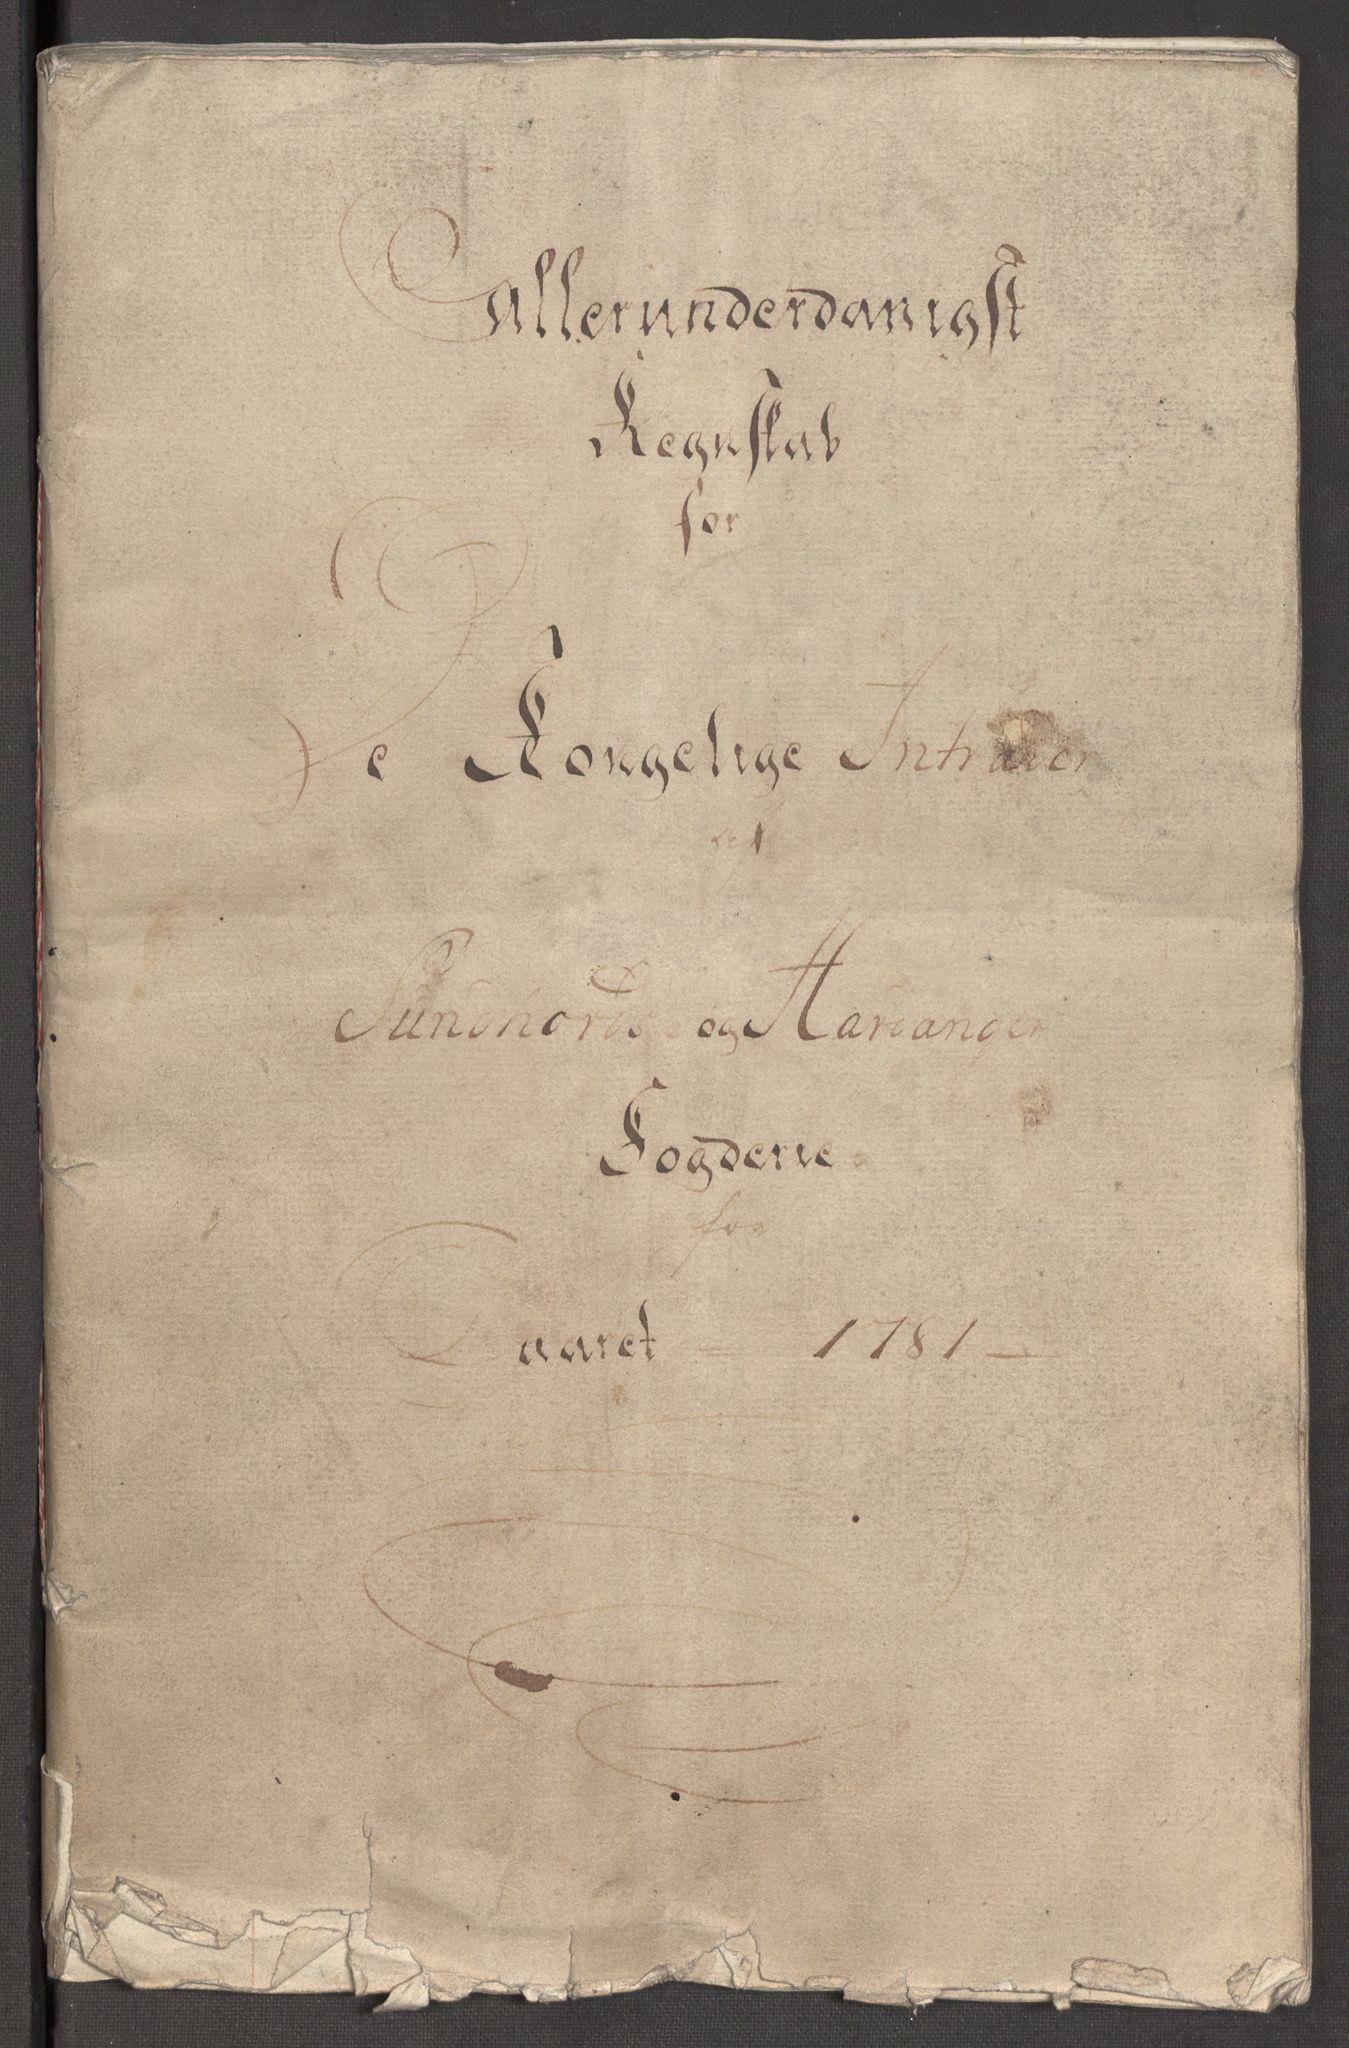 RA, Rentekammeret inntil 1814, Reviderte regnskaper, Fogderegnskap, R48/L3097: Fogderegnskap Sunnhordland og Hardanger, 1781, s. 4